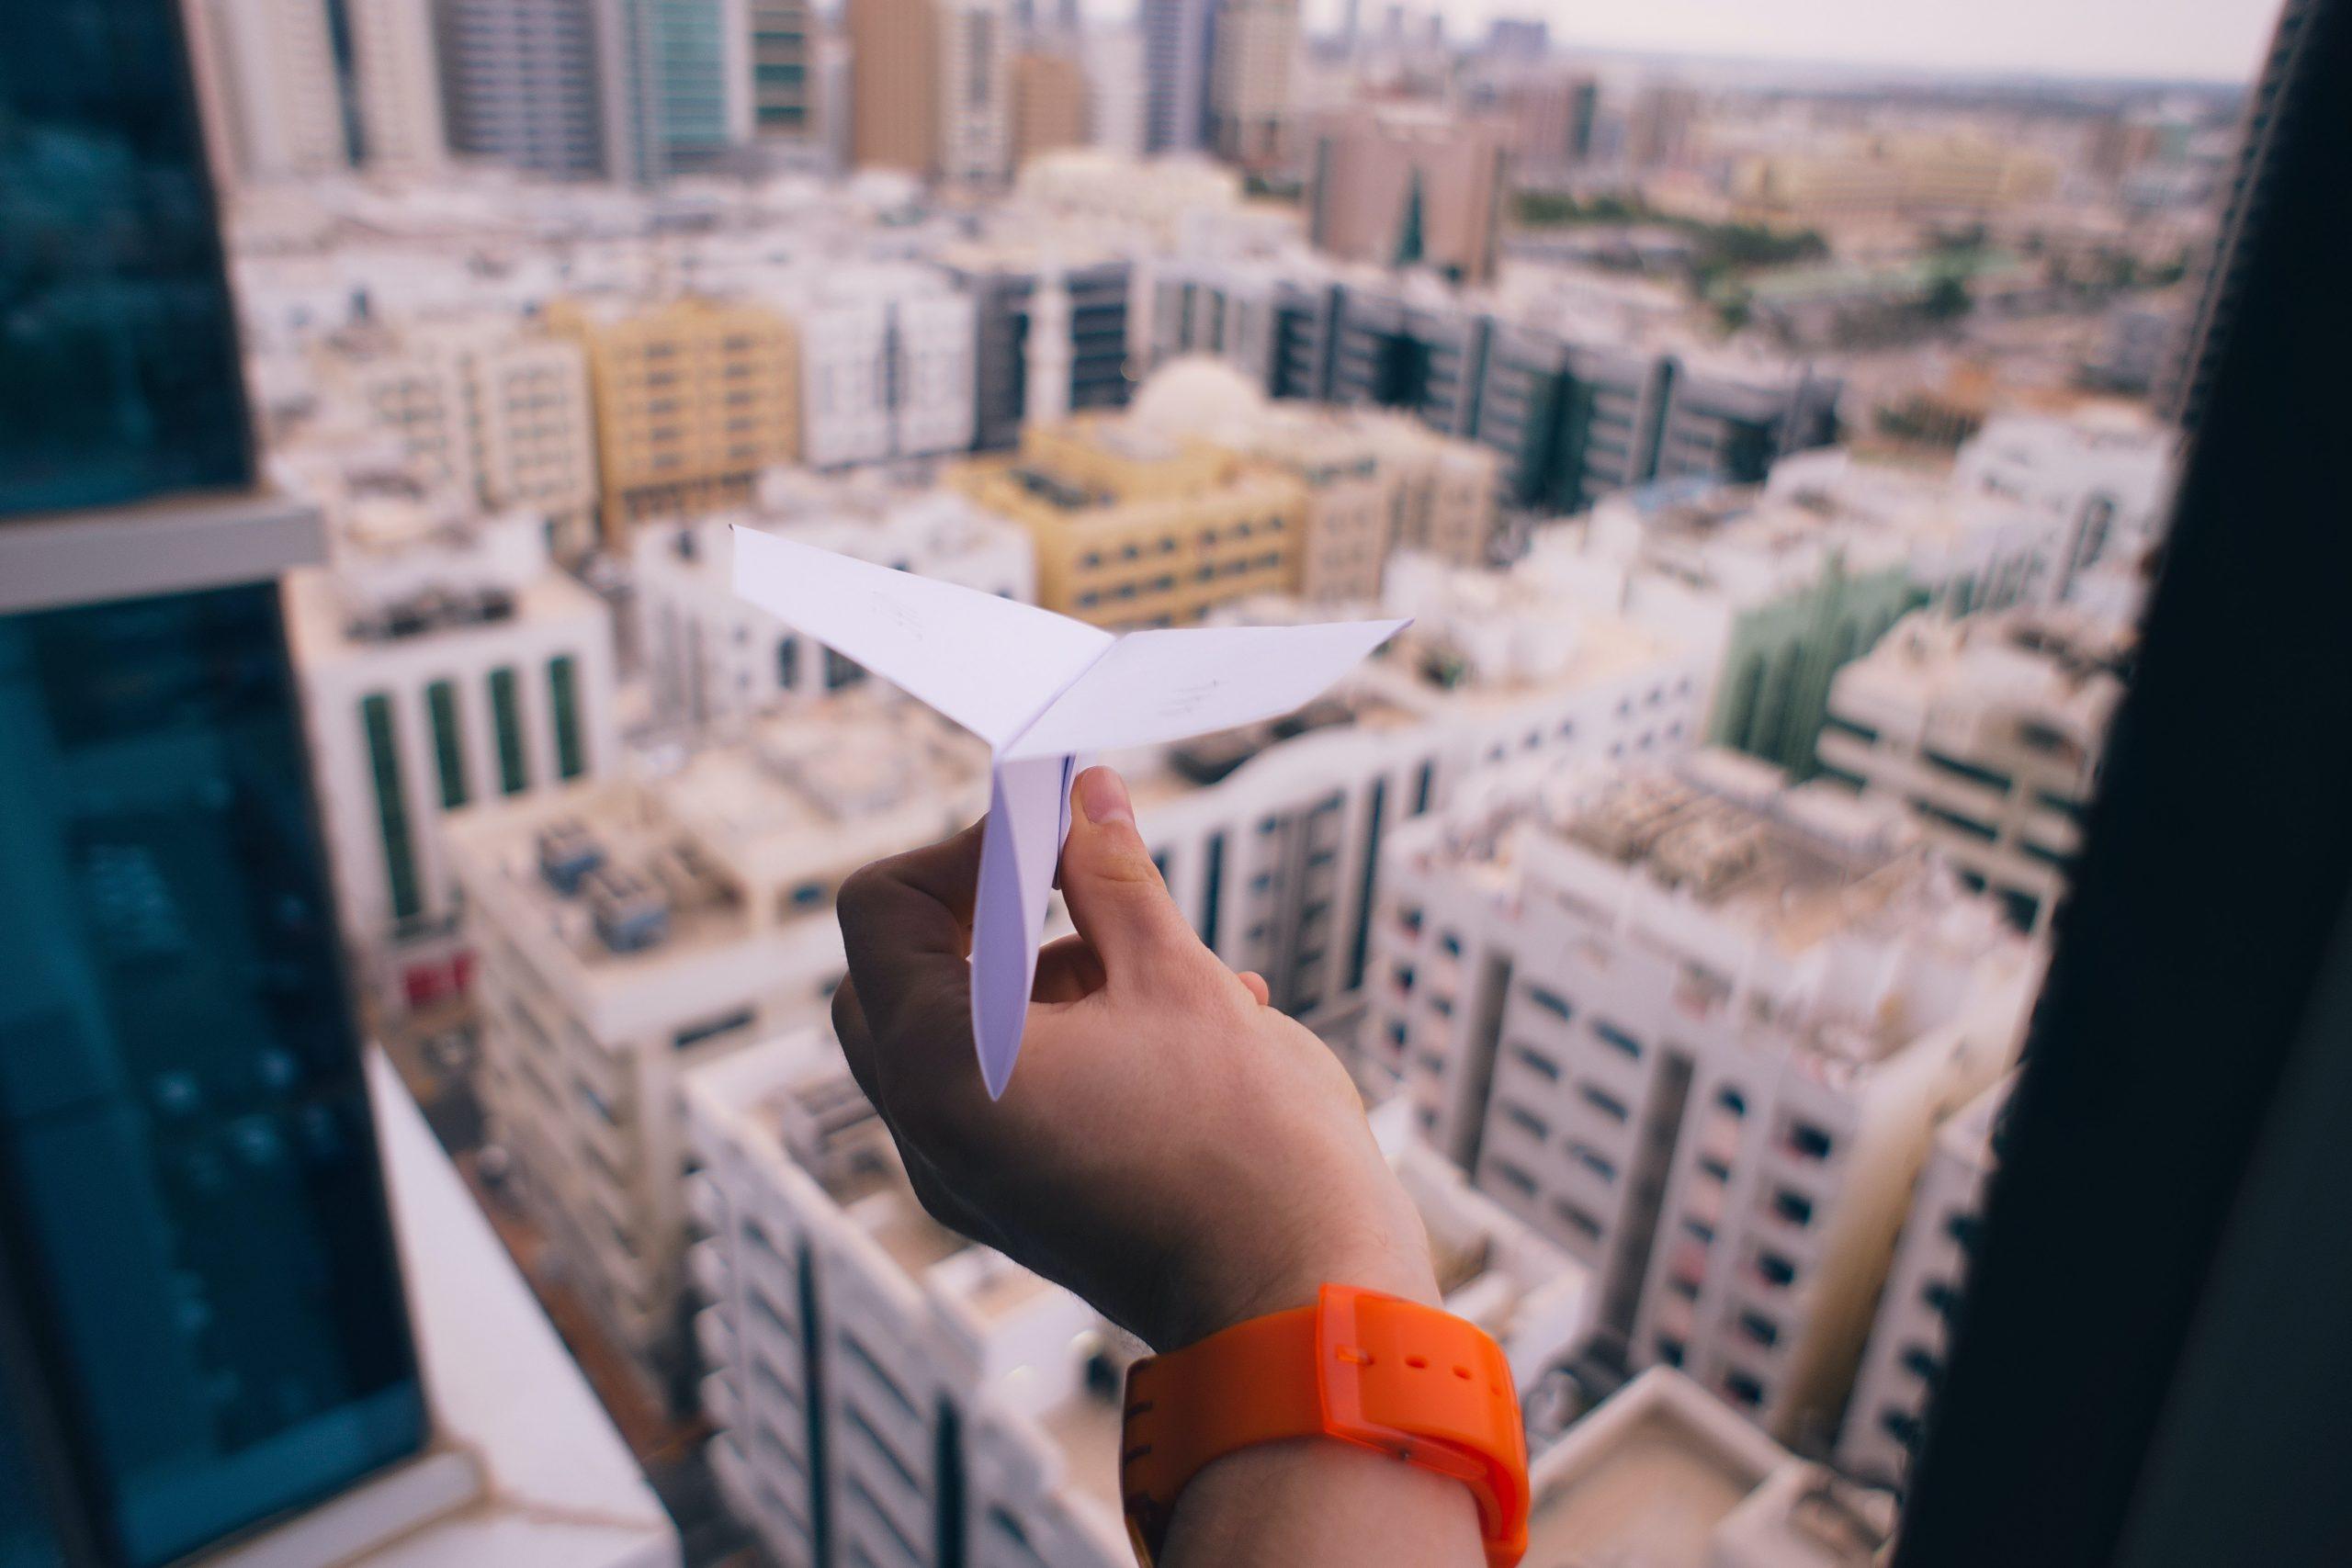 Inovação aberta ou fechada: aviãozinho de papel